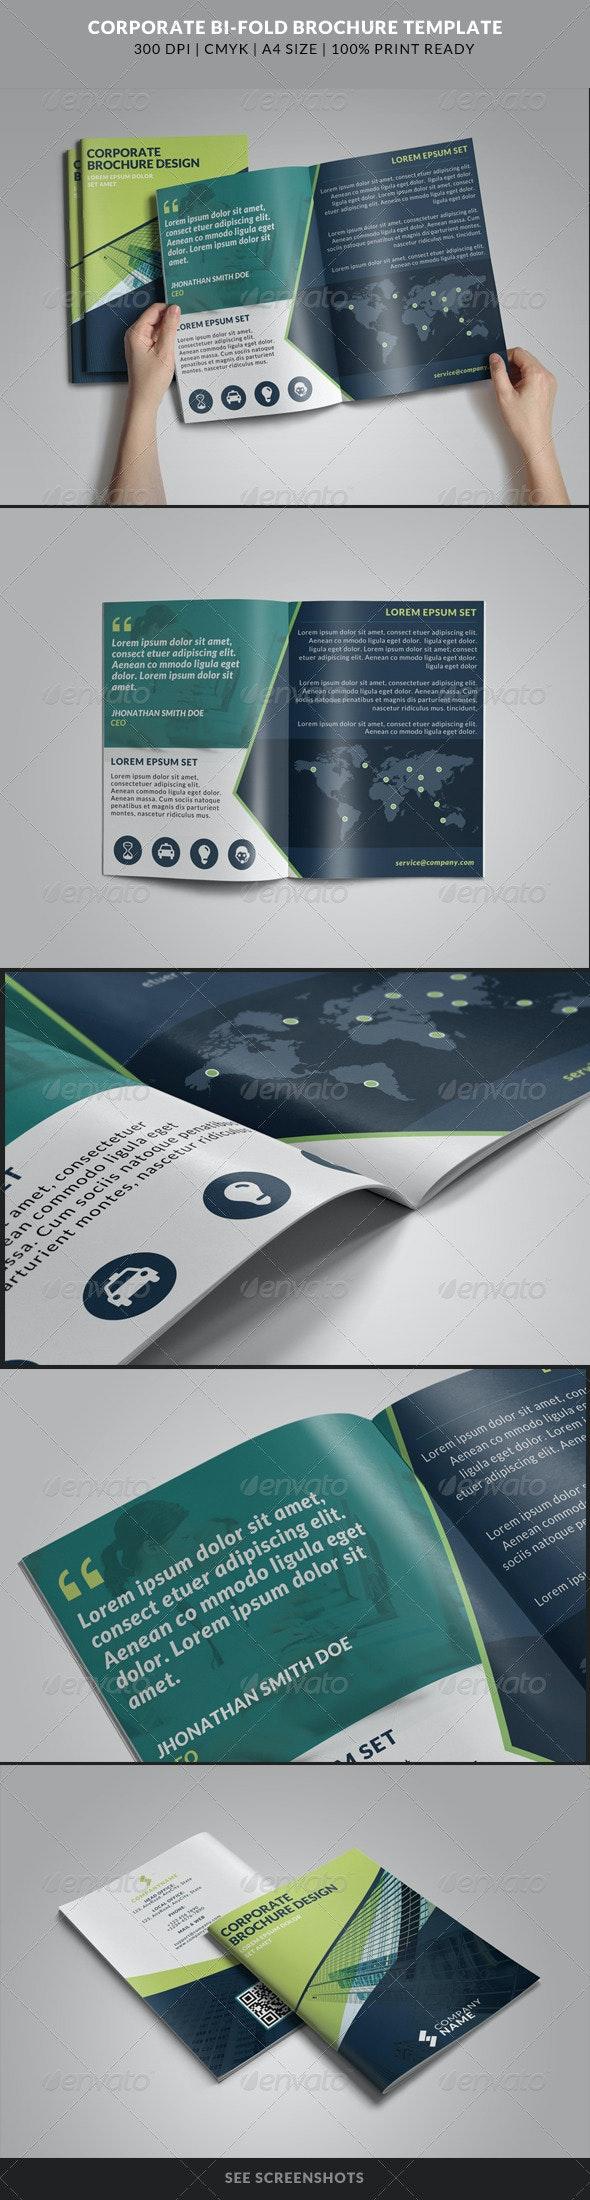 Corporate Bi-Fold Brochures Template 12 - Corporate Brochures